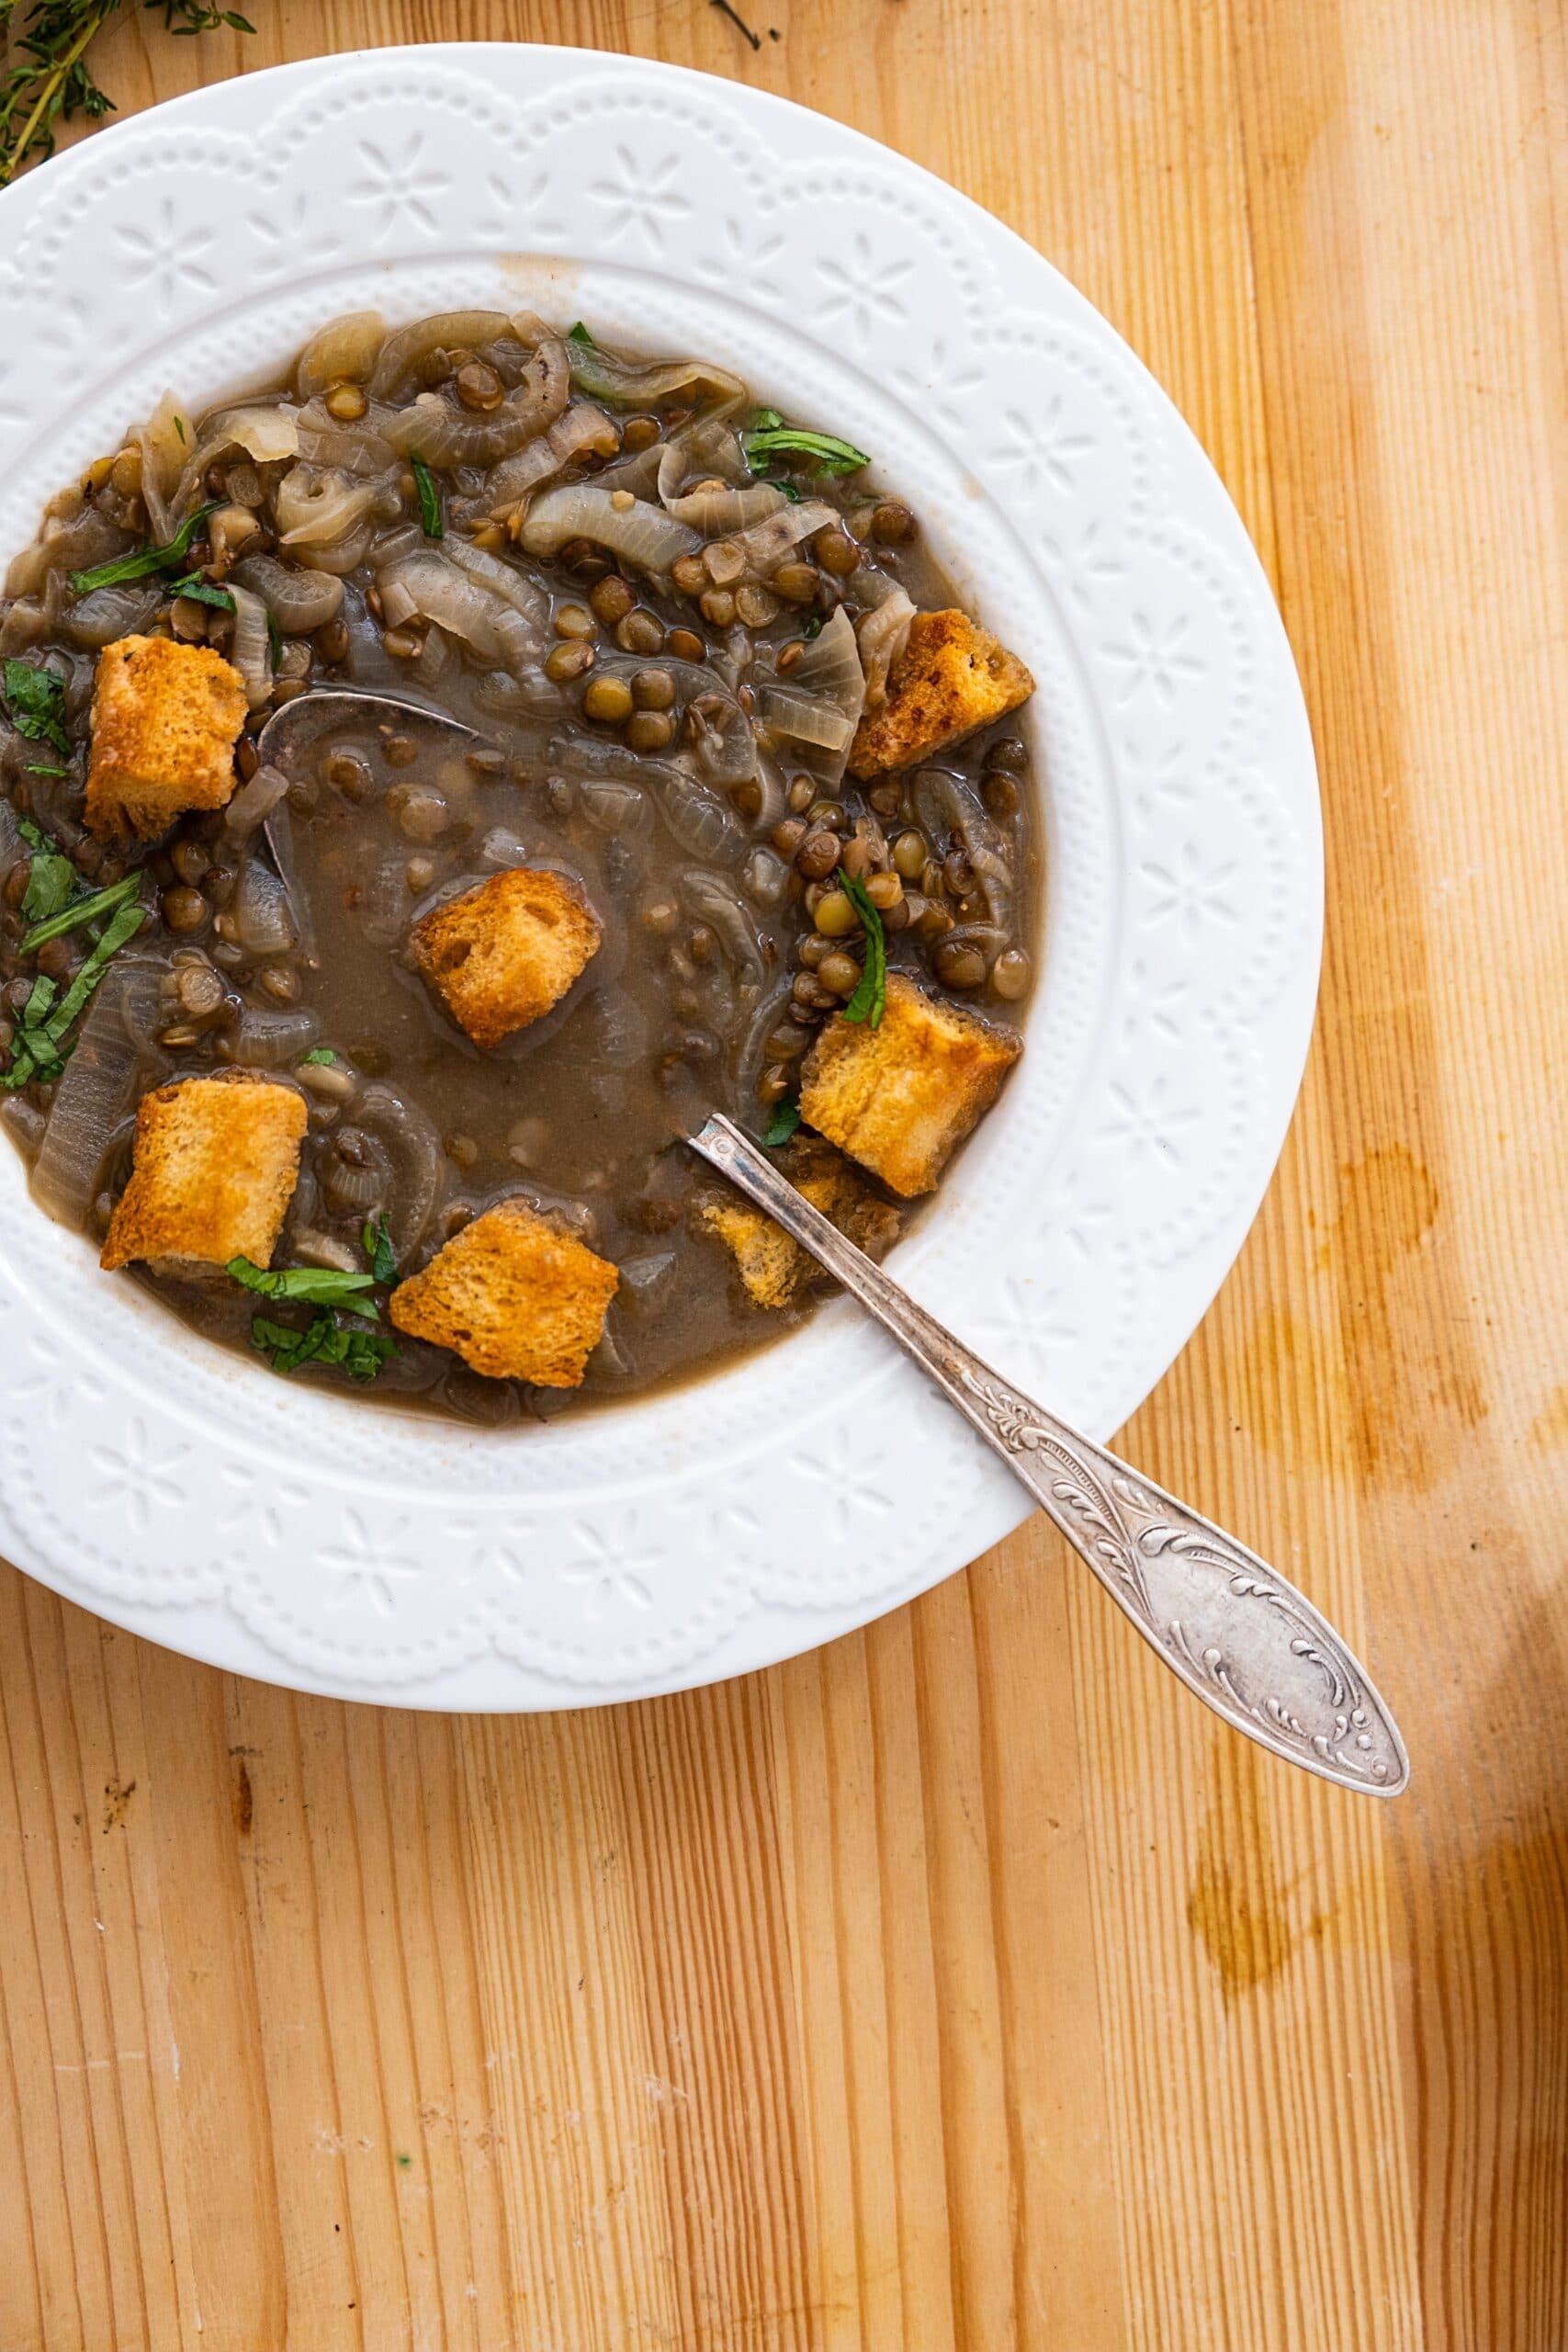 מרק בצל ועדשים עם קרוטונים